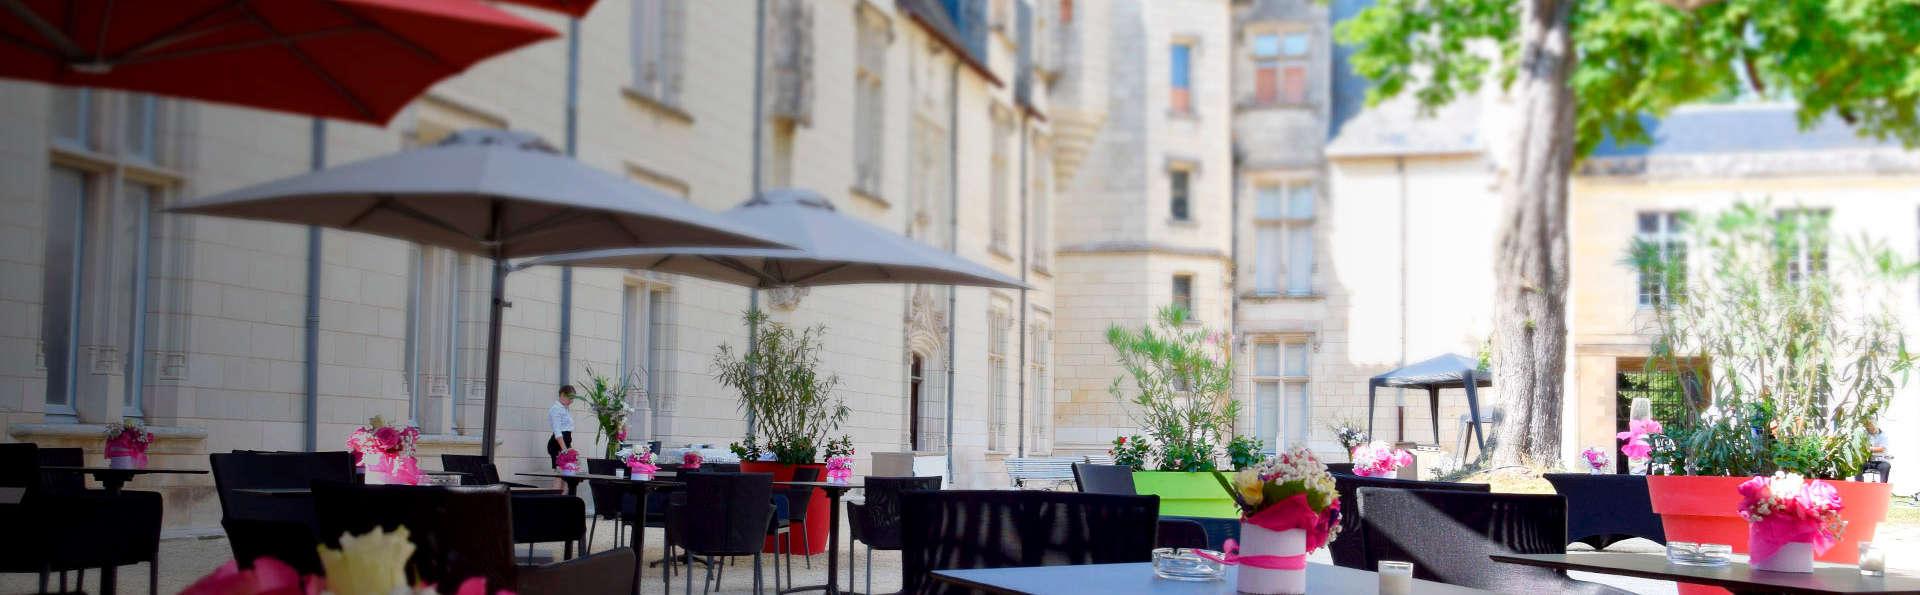 Séjour idyllique dans un superbe château près de Poitiers